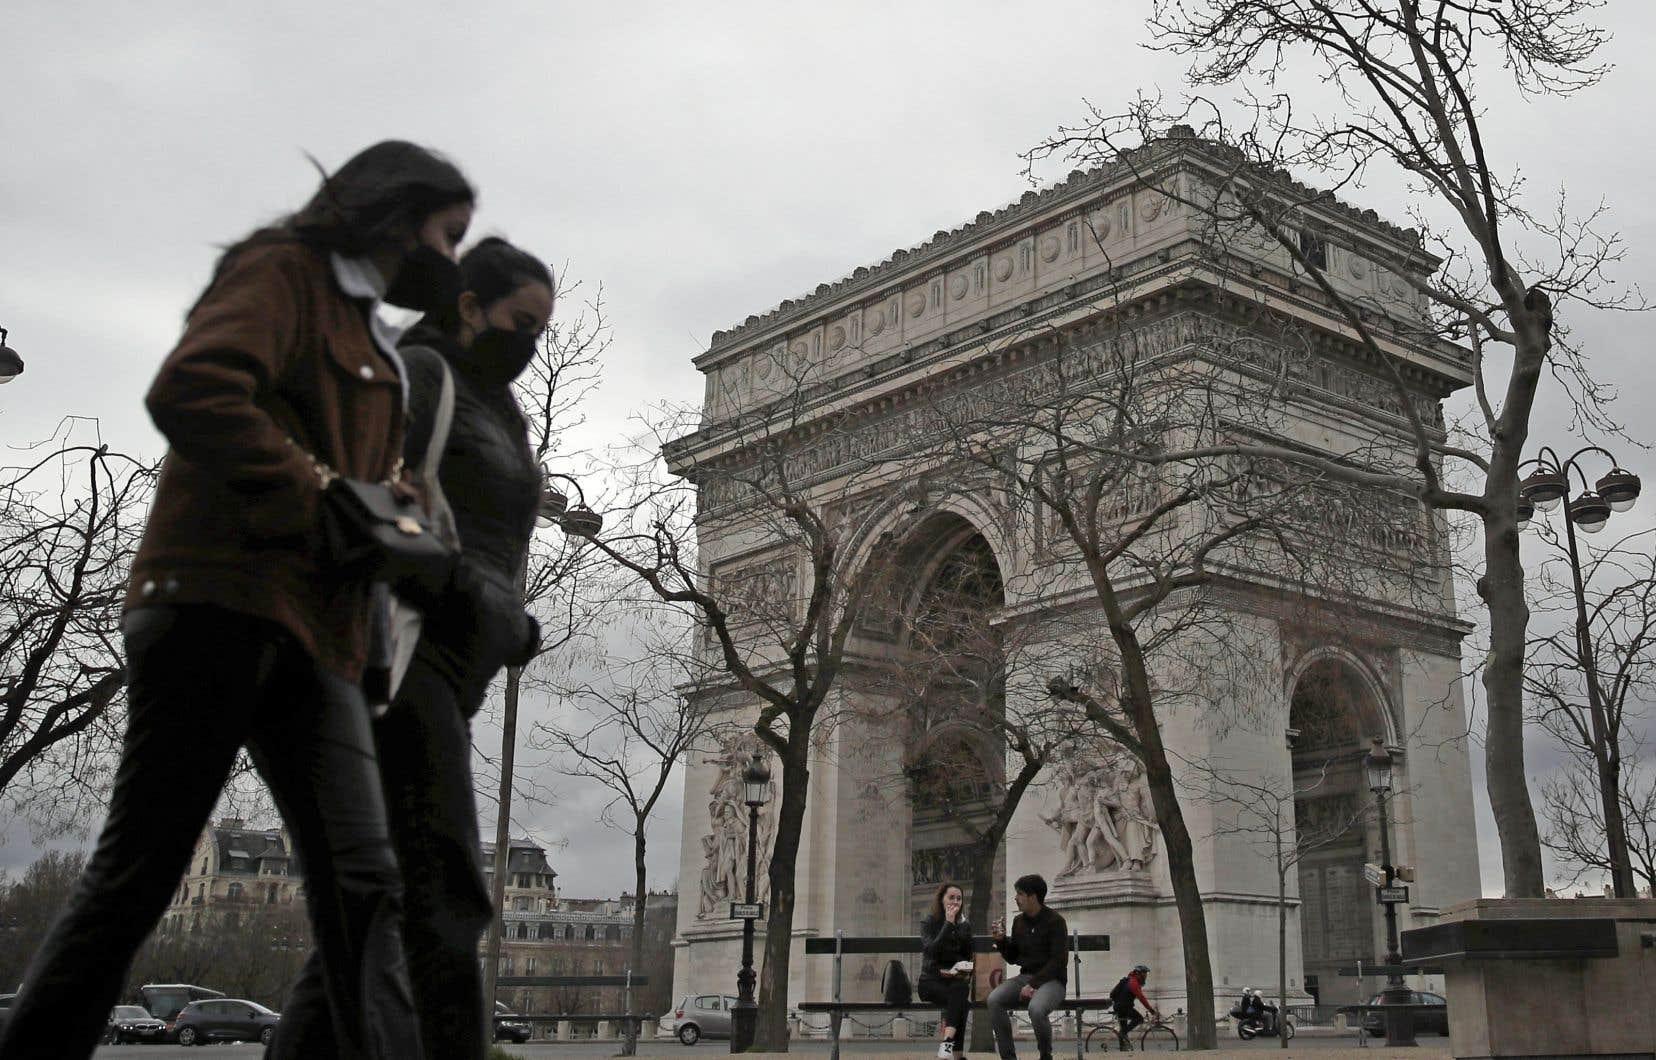 Depuis vendredi, on n'a pas l'impression qu'il y a moins de monde dans les rues de Paris. La plupart des Parisiens ne sentent guère la différence.